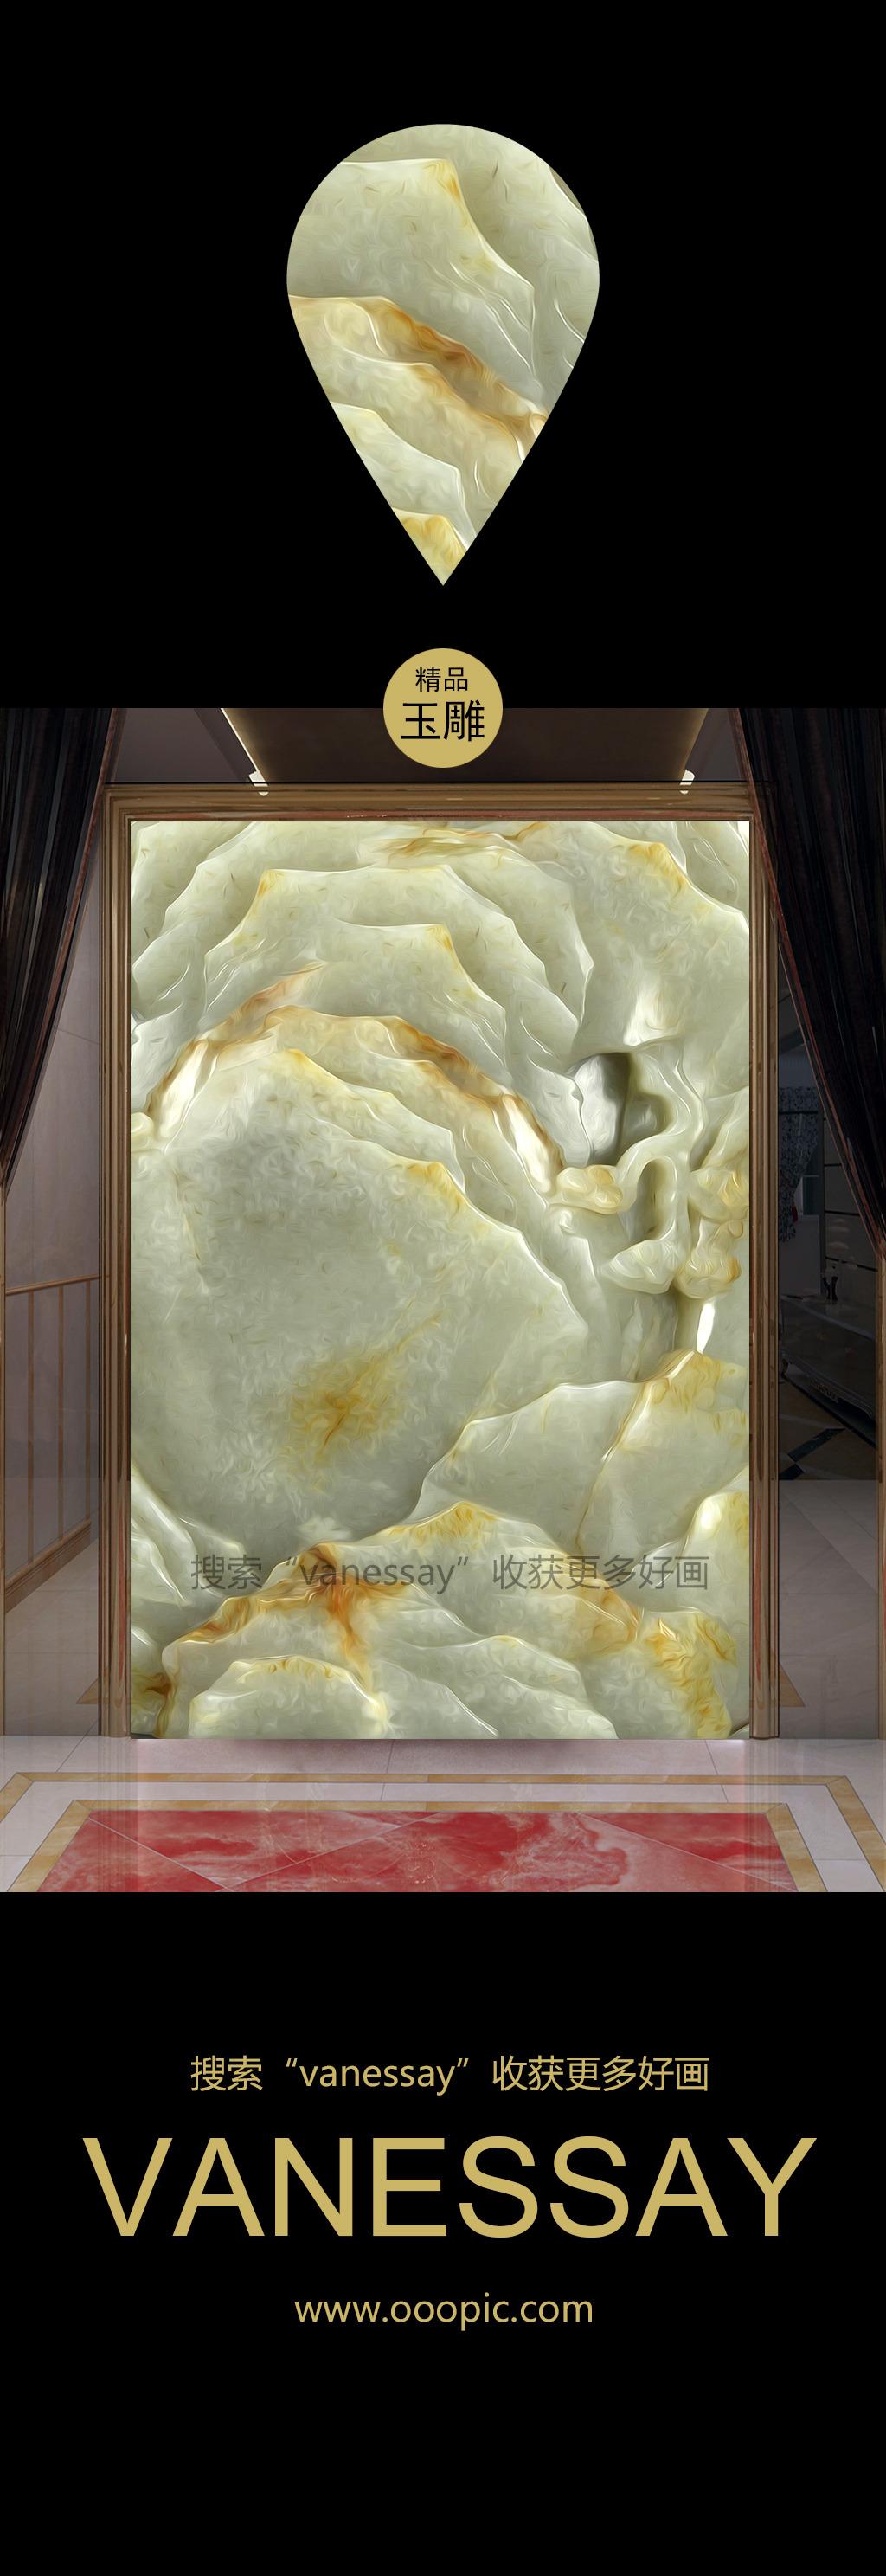 玉石雕刻玄关壁画背景墙设计模板下载 玉石雕刻玄关壁画背景墙设计